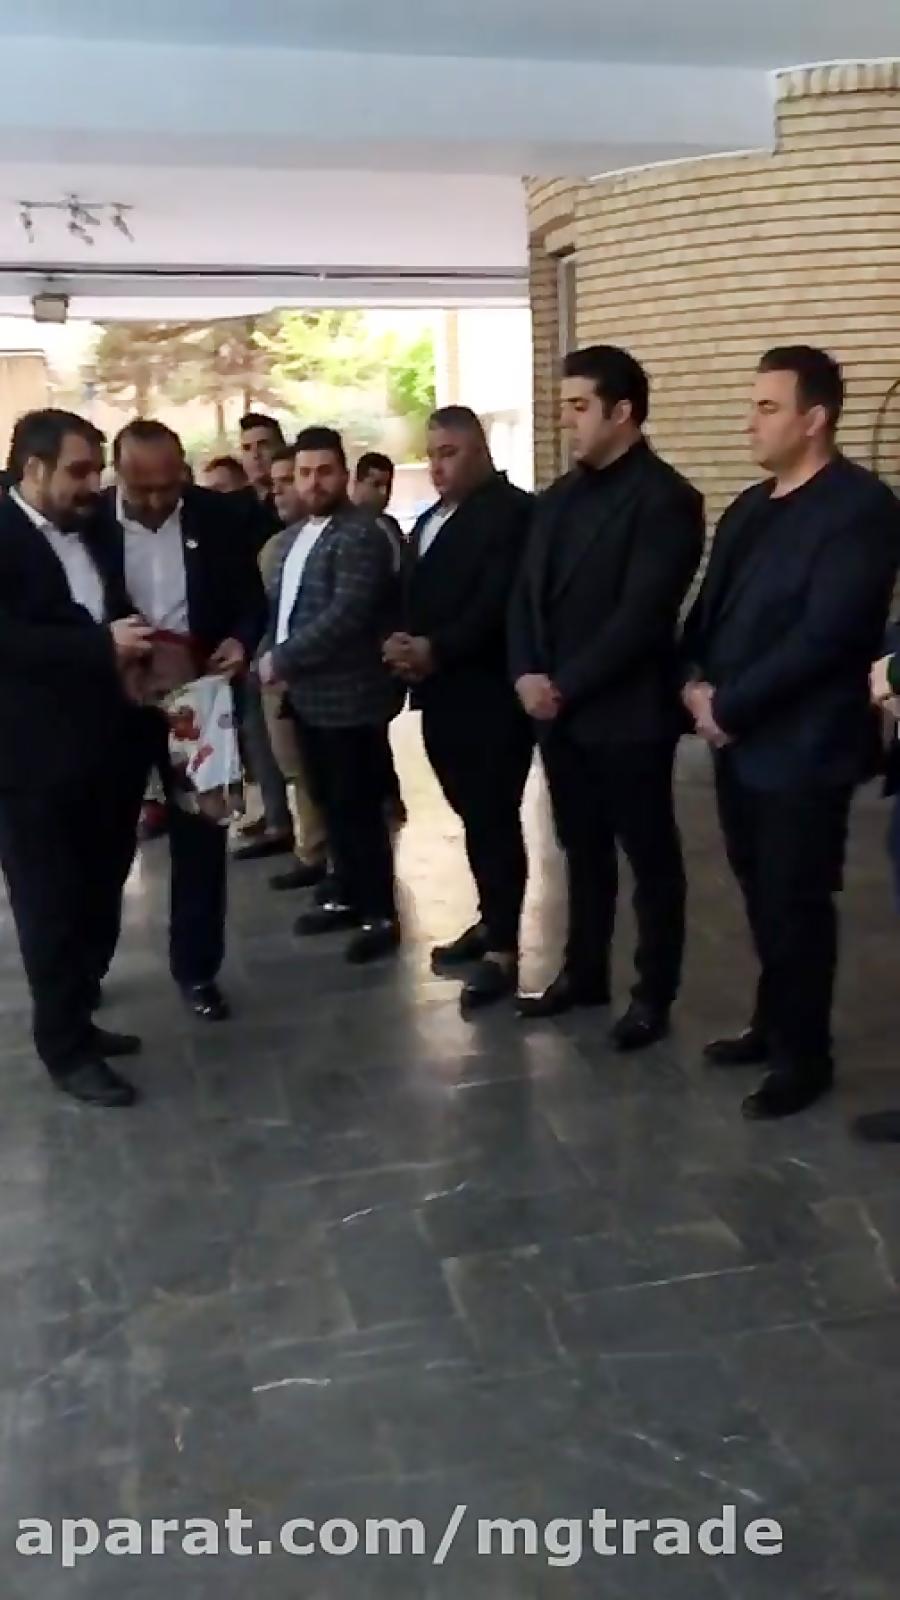 محمور قراچورلو به همراه قویترین مردان ایران دهمین همایش ملی قهرمانان